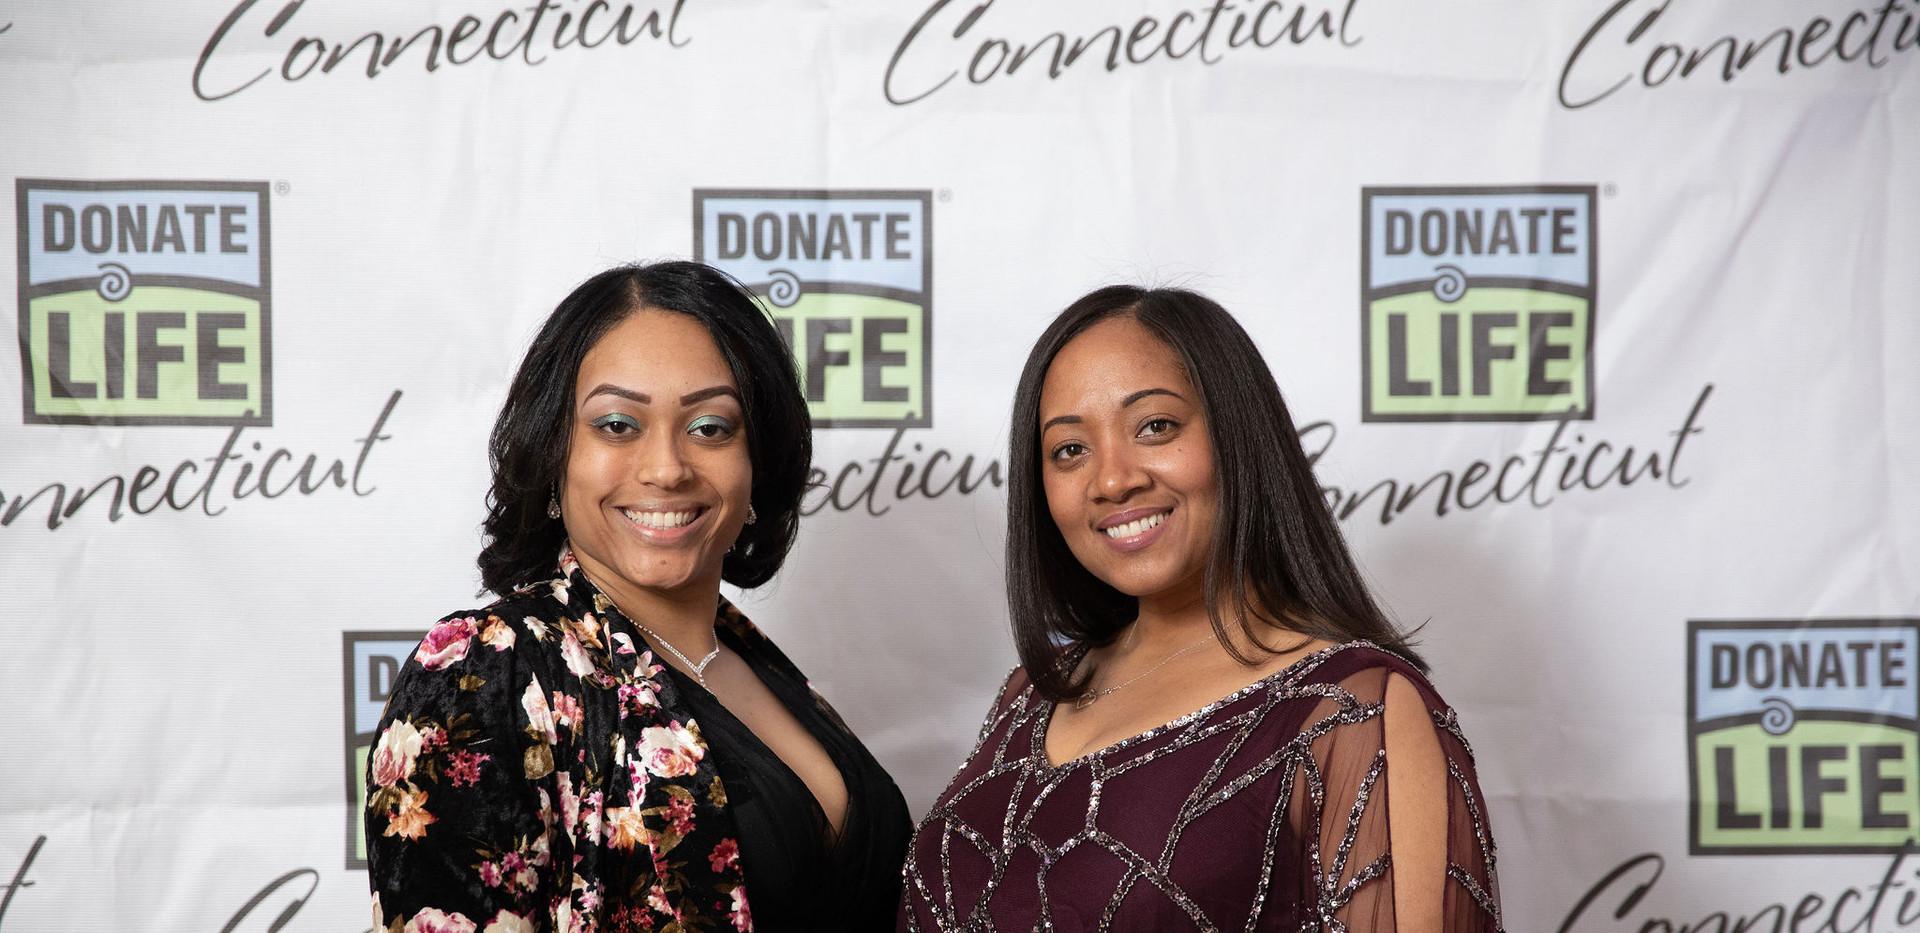 Donate_Life_Fundraiser_2019_1711.jpg